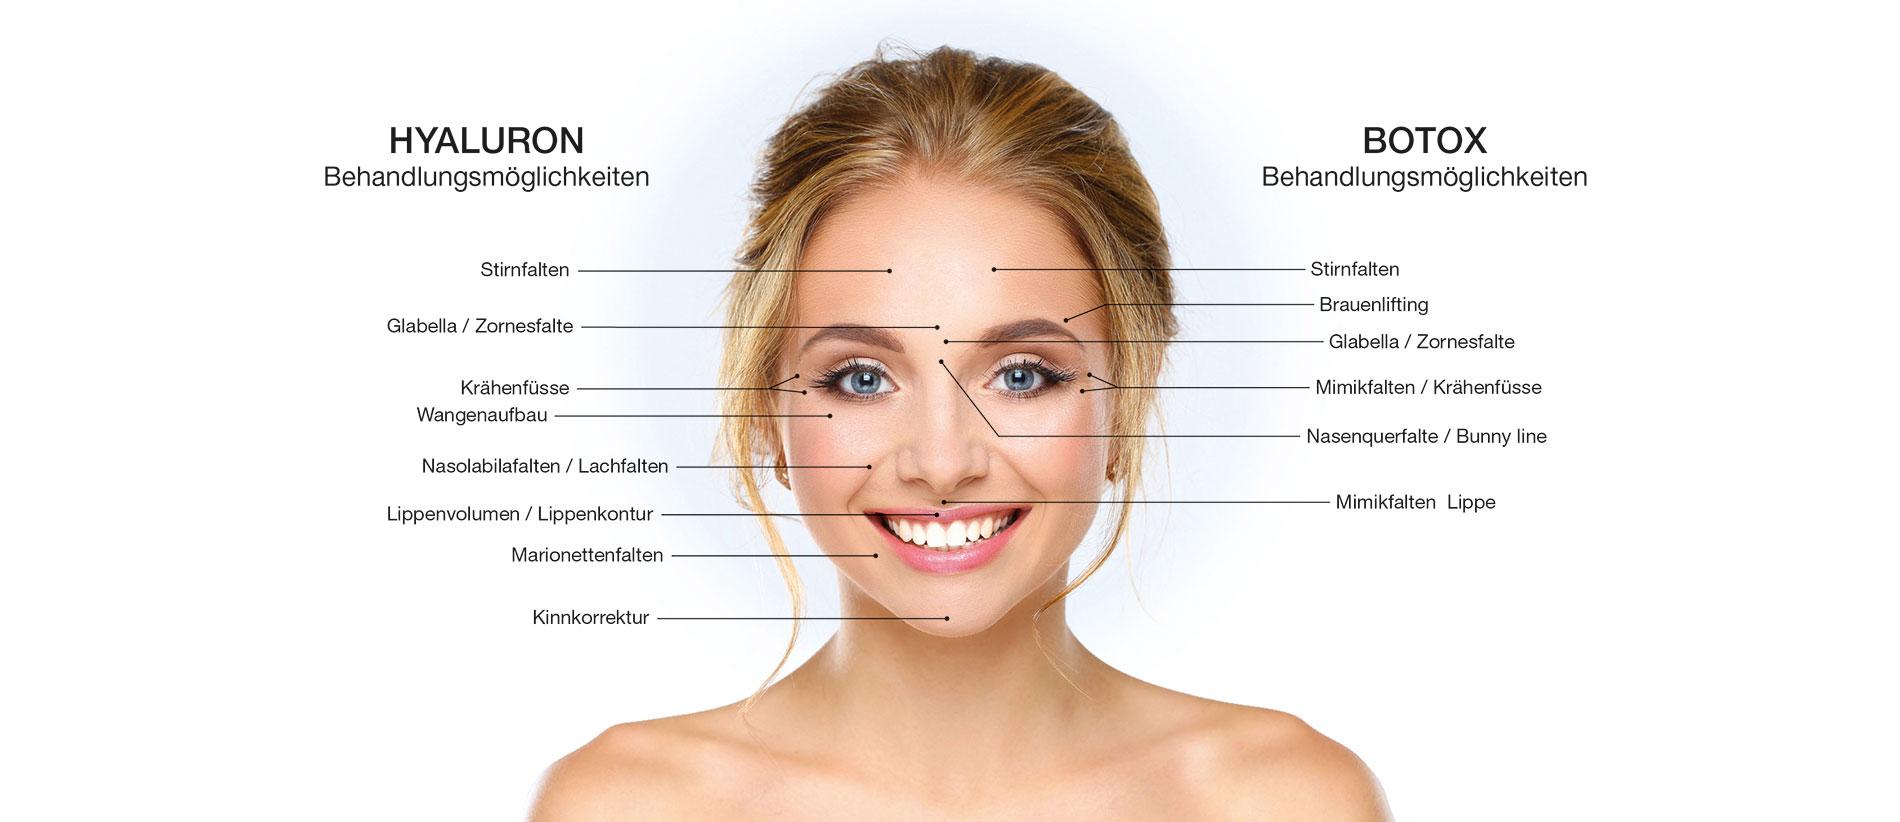 hyaluron-filler-botox